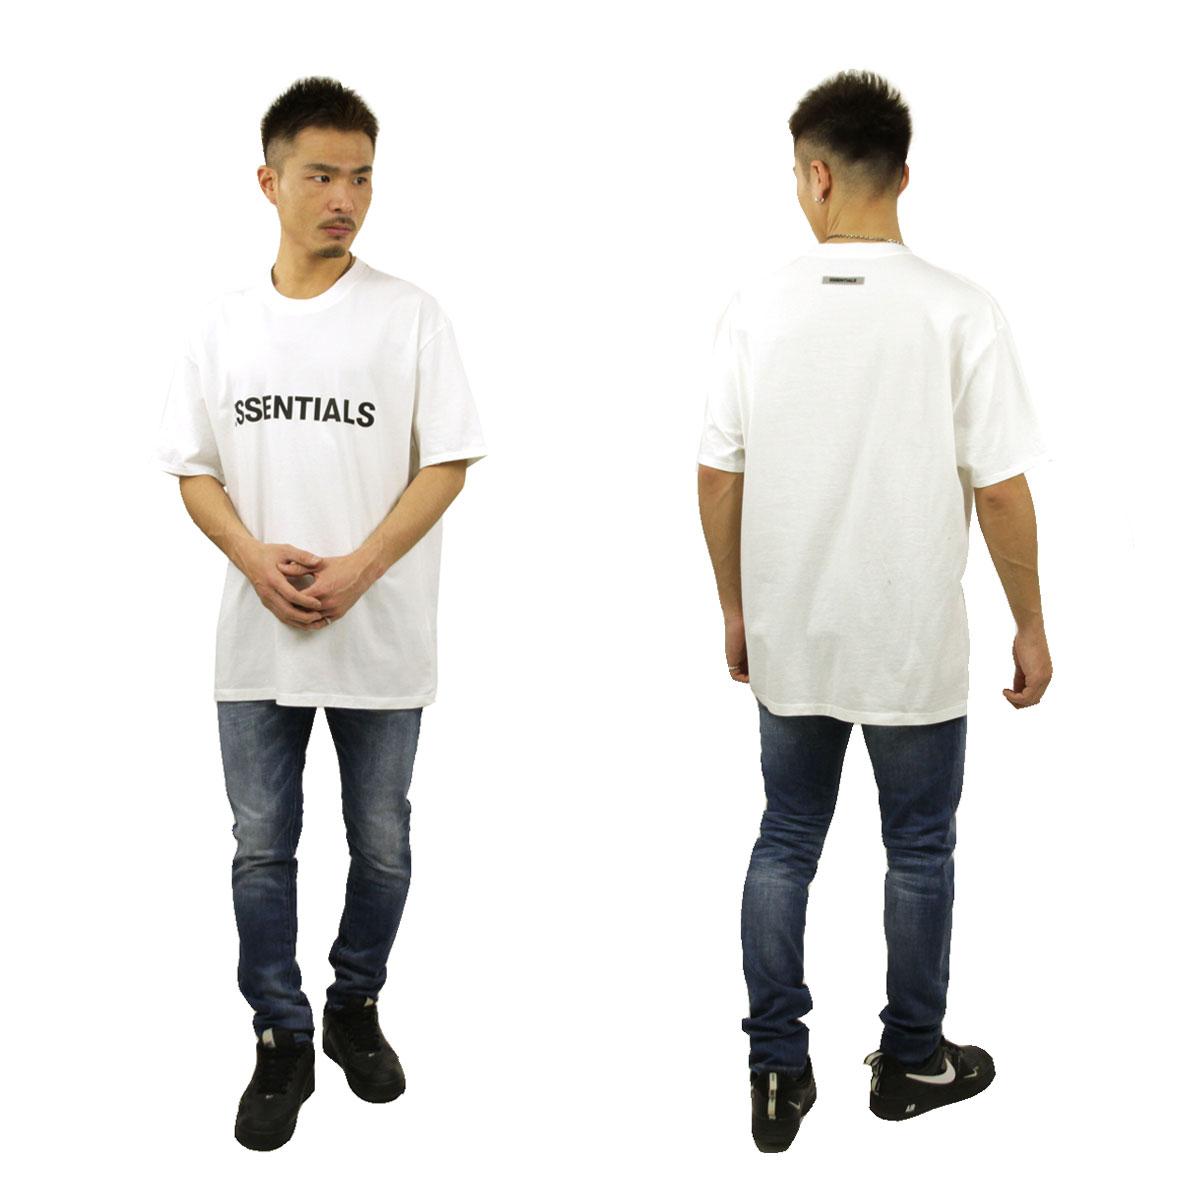 フィアオブゴッド Tシャツ メンズ 正規品 FEAR OF GOD エッセンシャルズ 半袖Tシャツ ロゴ クルーネック FOG - FEAR OF GOD ESSENTIALS T-SHIRT WHITE AA5B B1C C1D D1E E01F